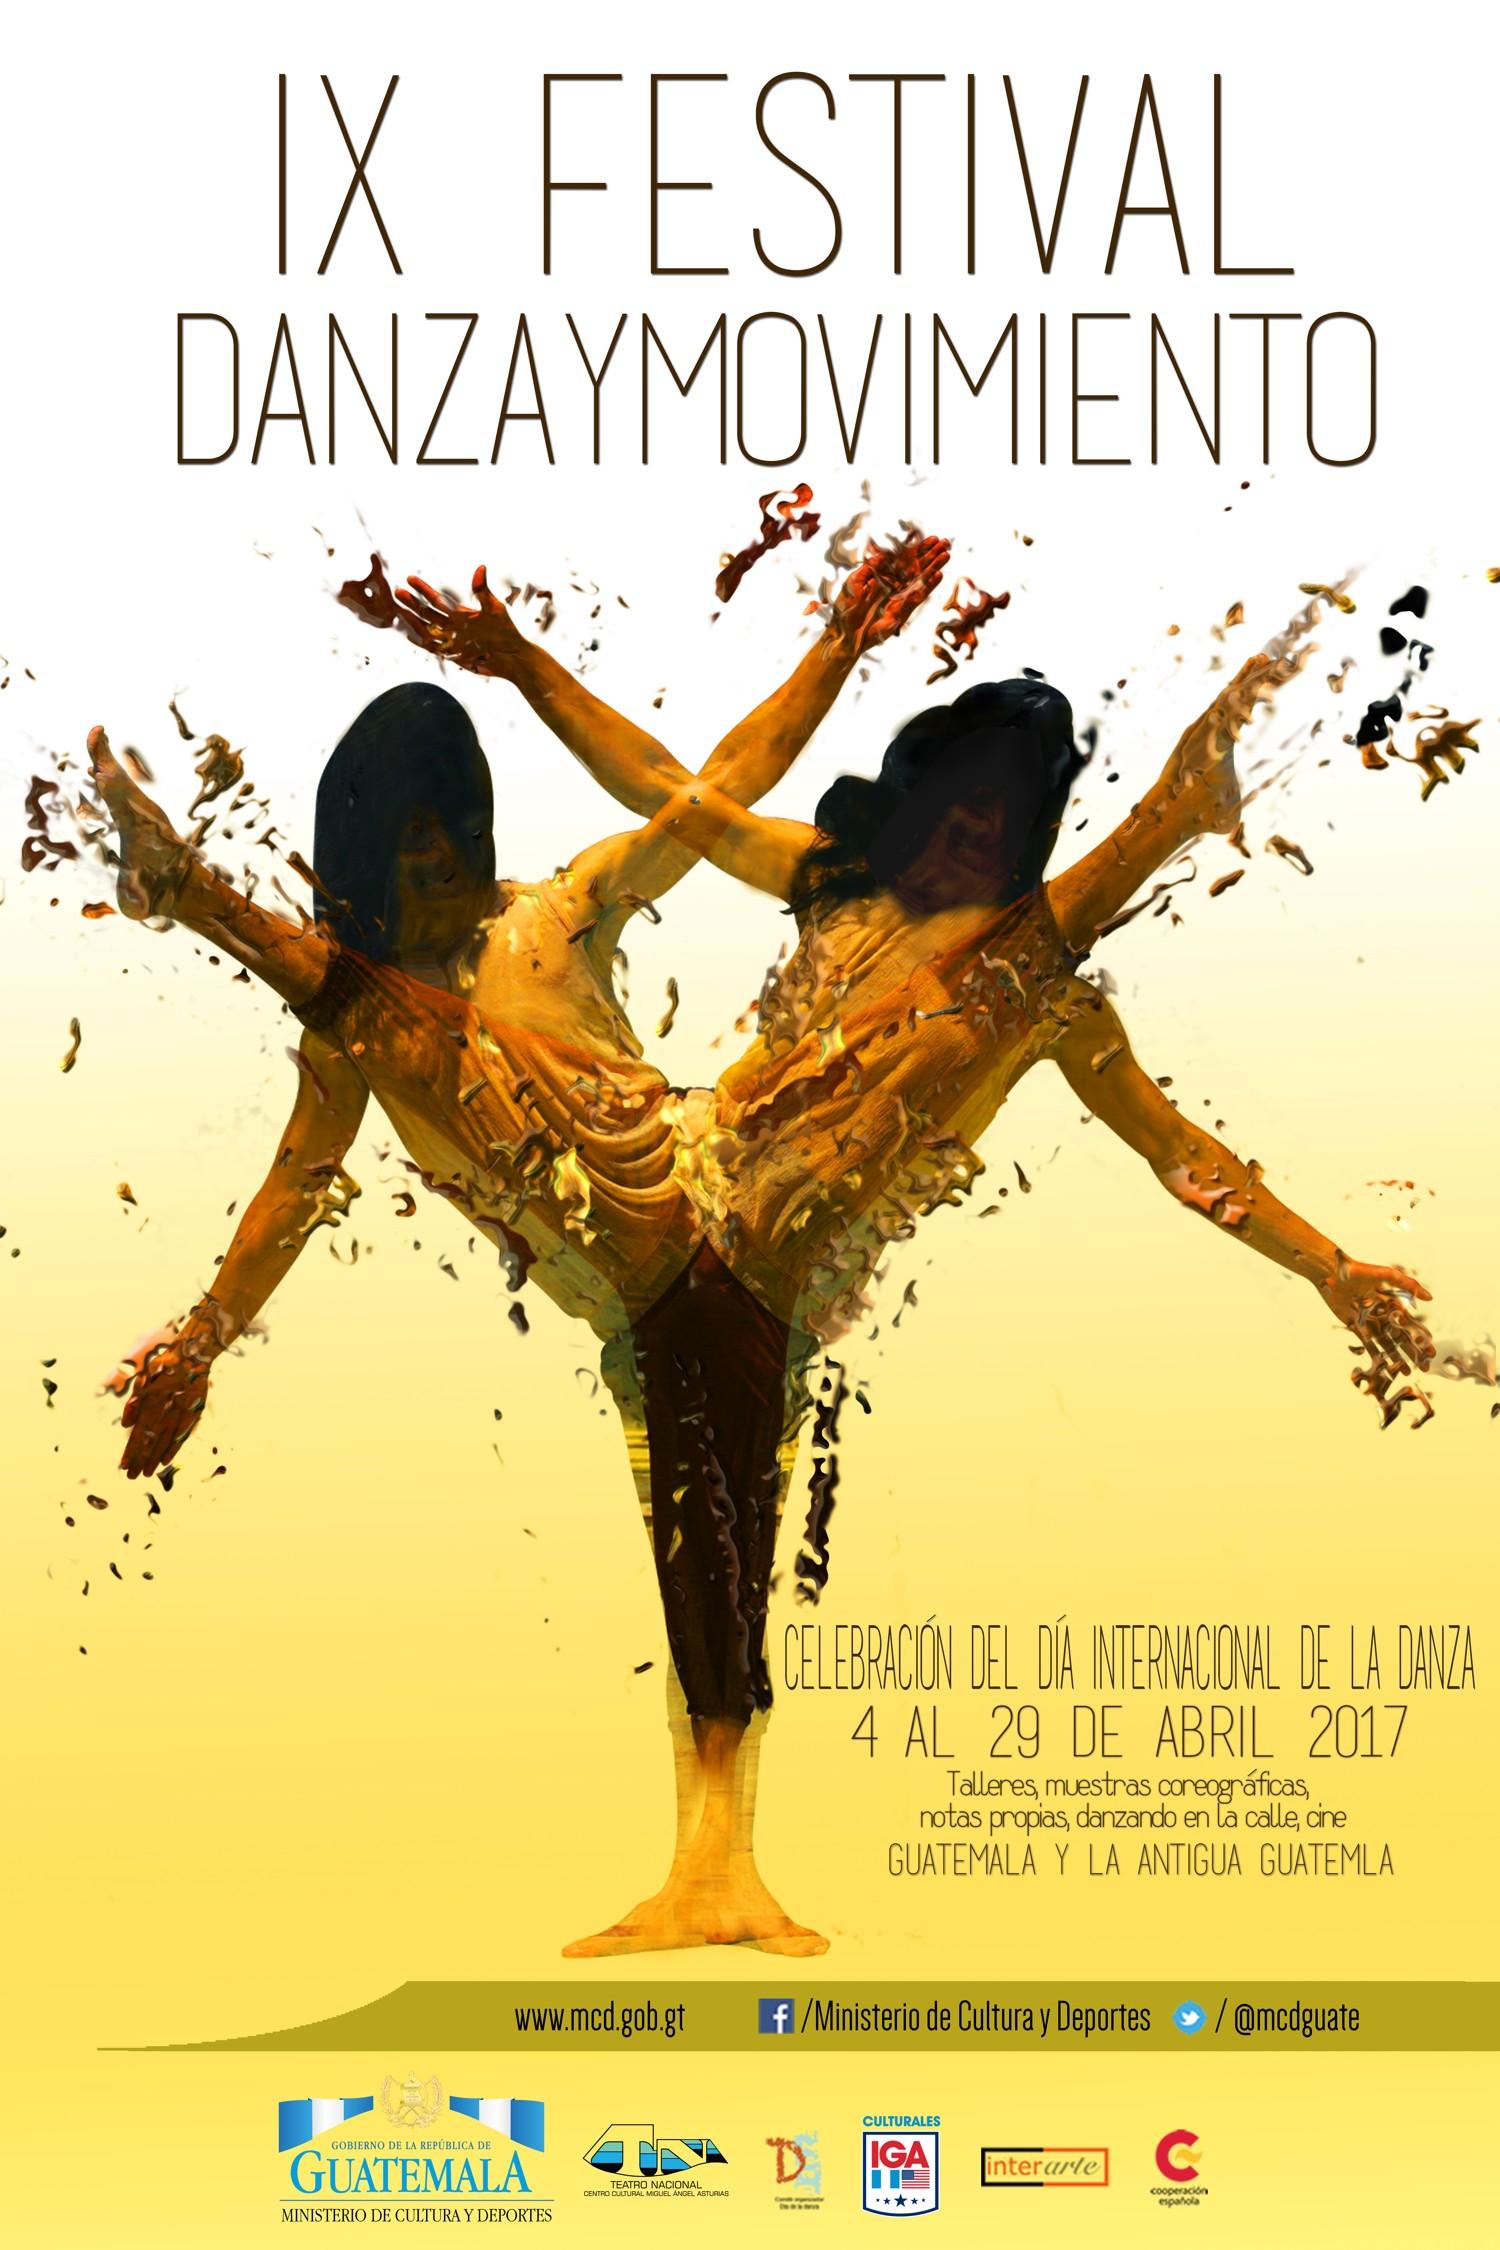 arte final festival danza y movimiento